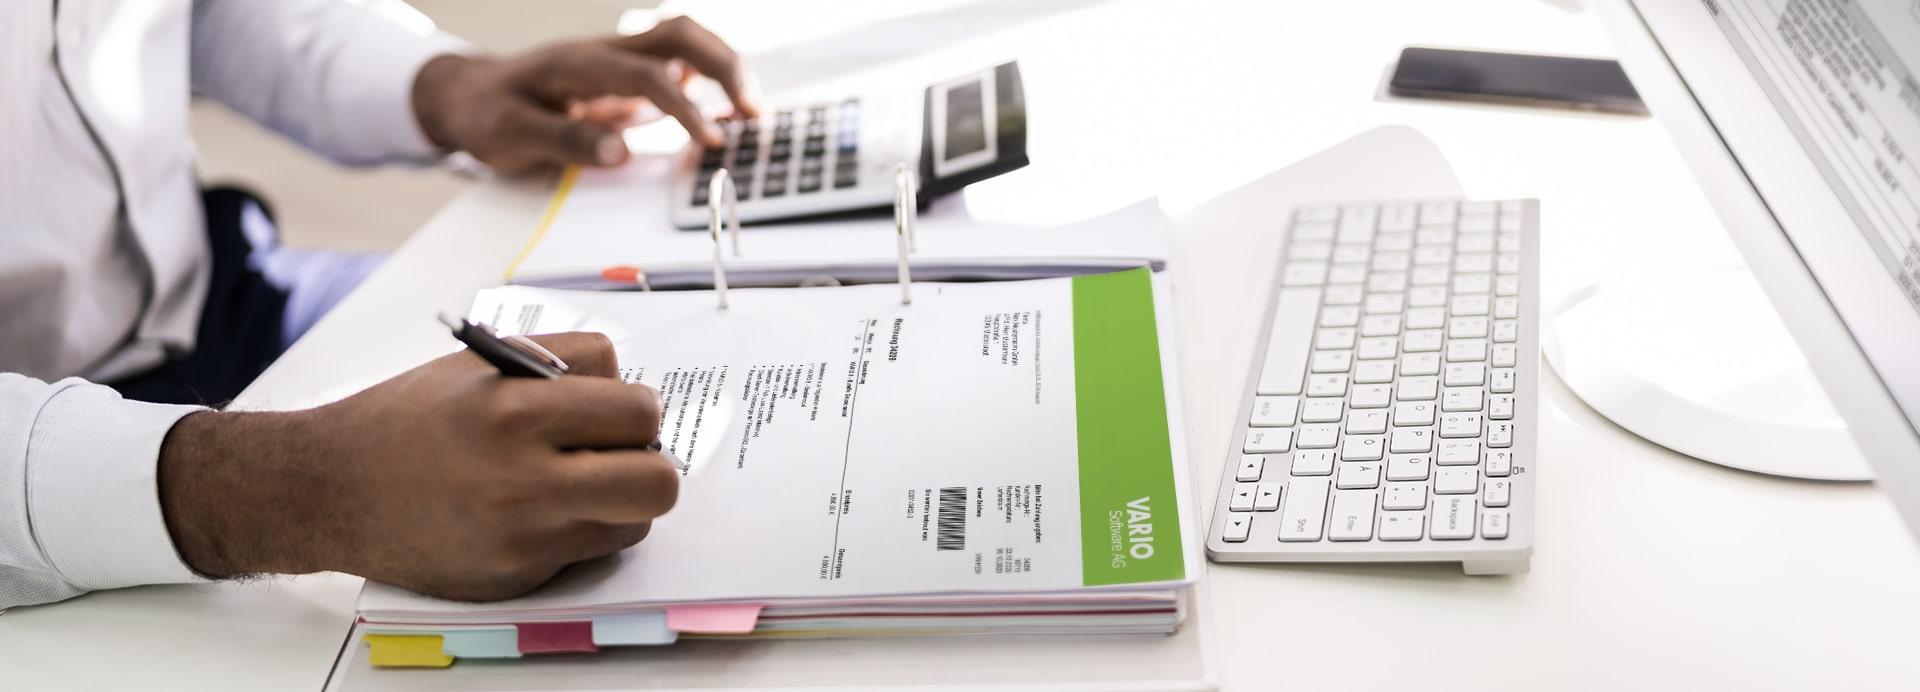 Errechnung steuerlicher Vorteile durch Abschreibung digitaler Wirtschaftsgüter